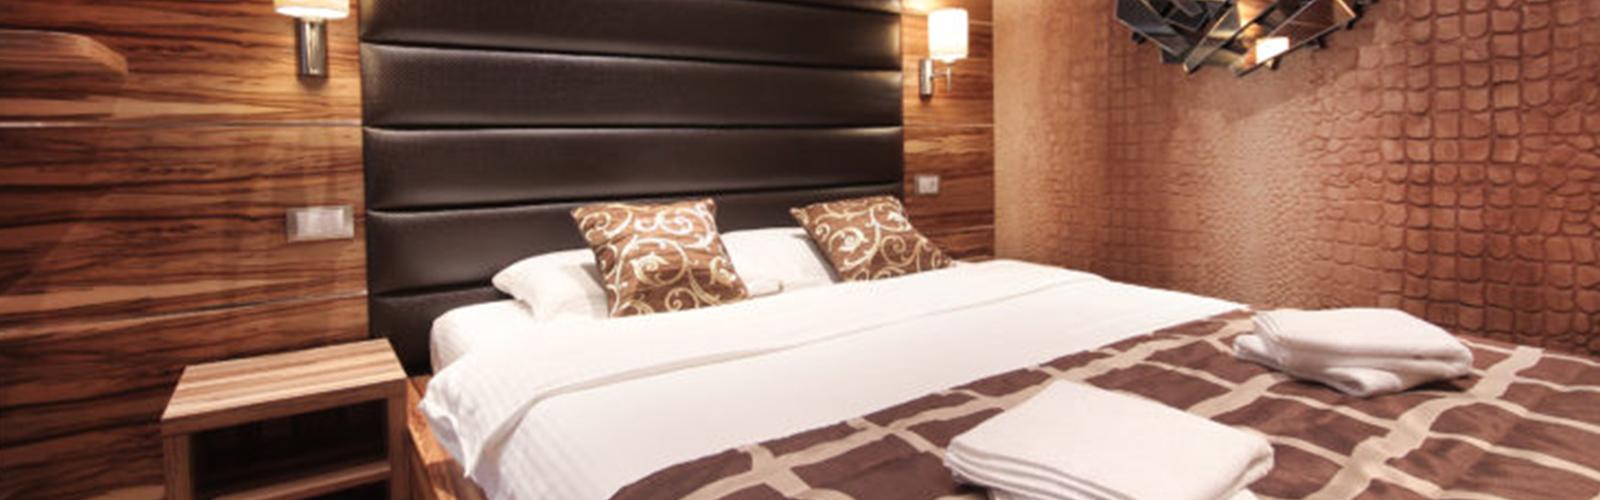 Concierge Belgrade | Apartman Delta Top 22